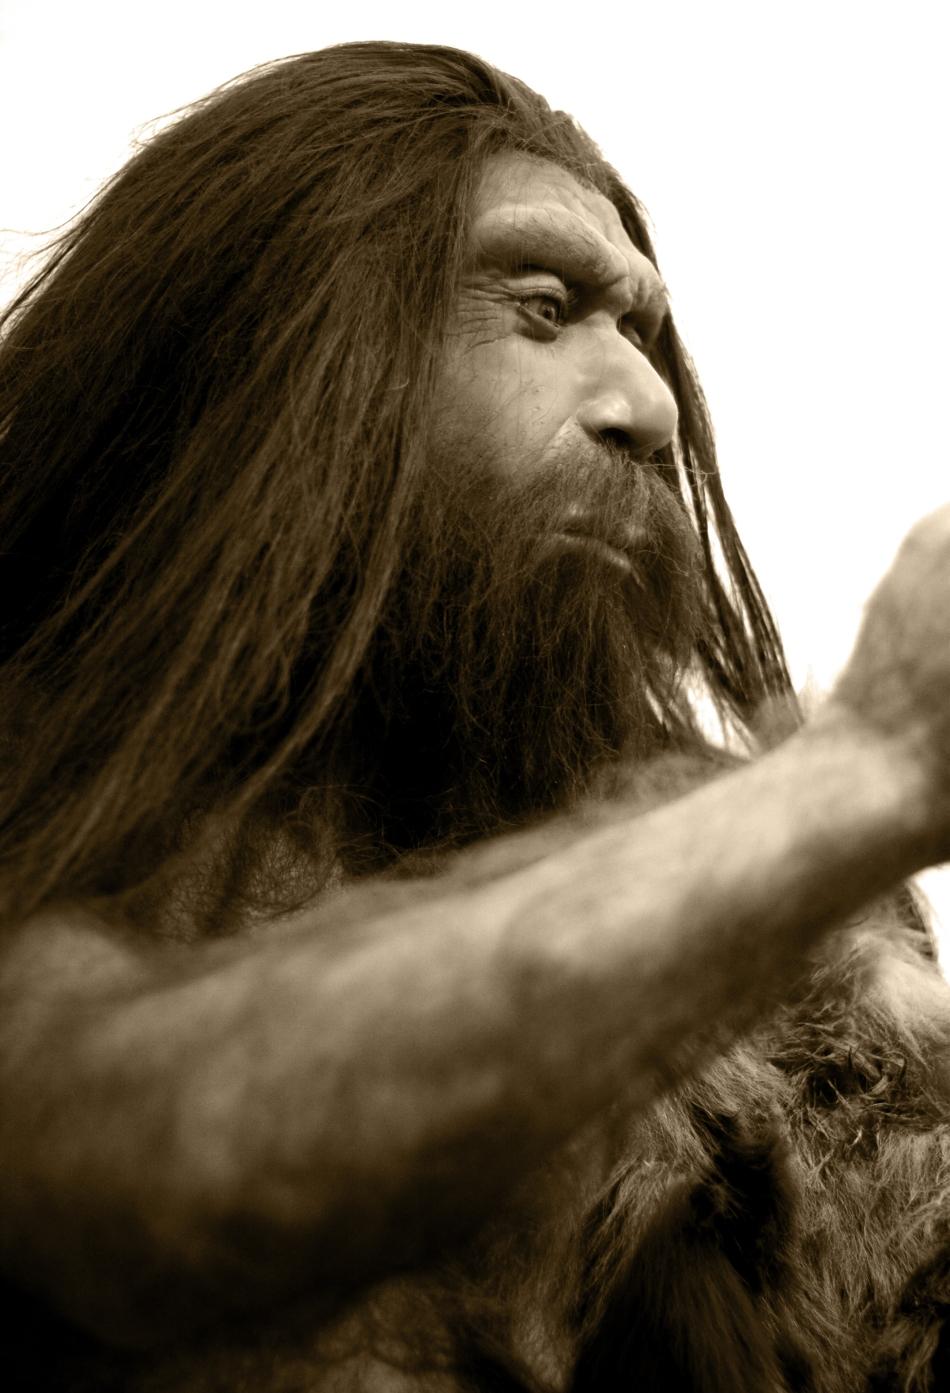 În ADN-ul denisovanilor există urme genetice ale unei specii de hominid mult mai vechi, cu care omul din Denisova s-a încrucişat cândva.